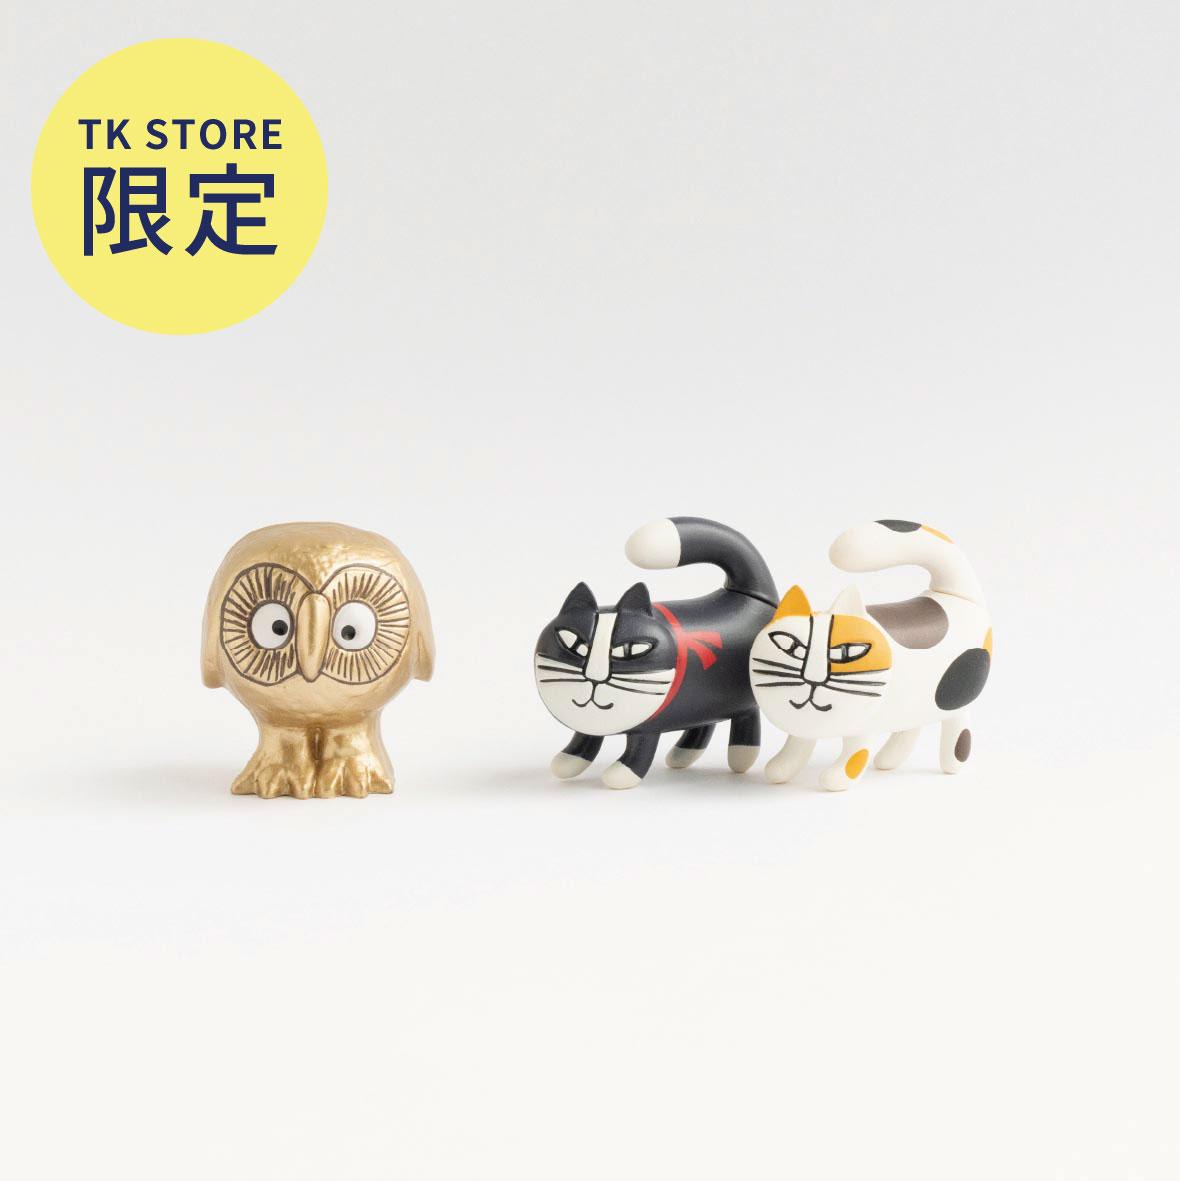 【TK】ミニチュアファブリカ vol.4 お楽しみセット(5個入り)